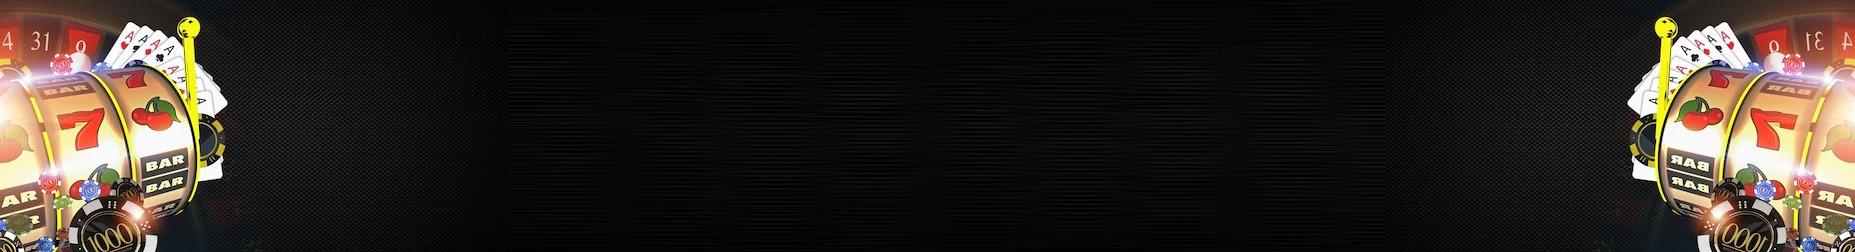 Ati radeon 4850 dual slot fansink